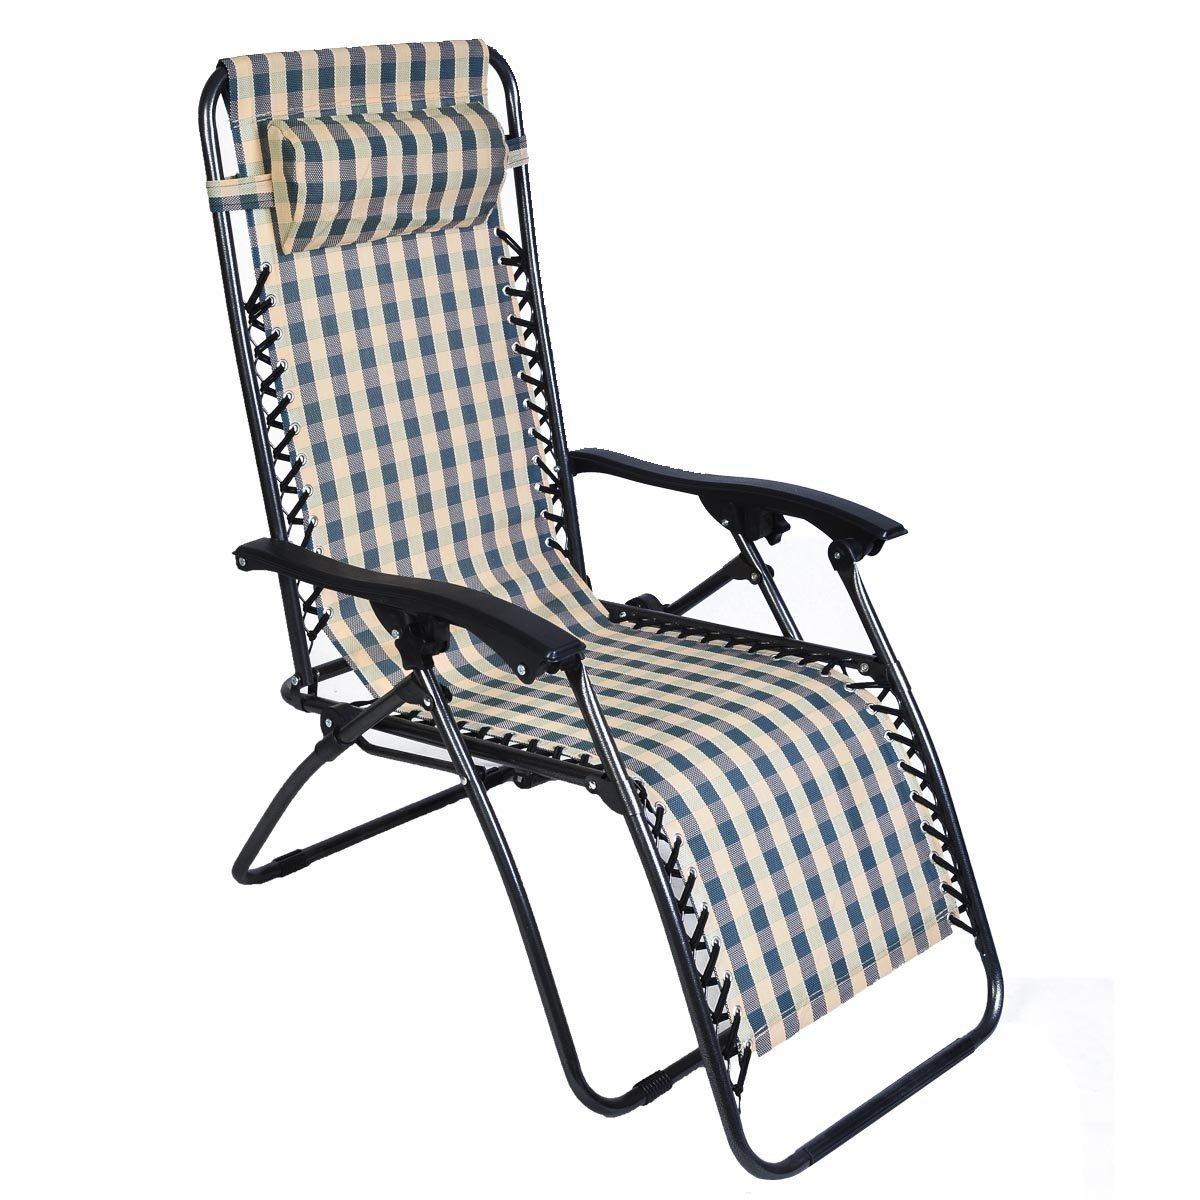 Polar Aurora Zero Gravity Chair Review